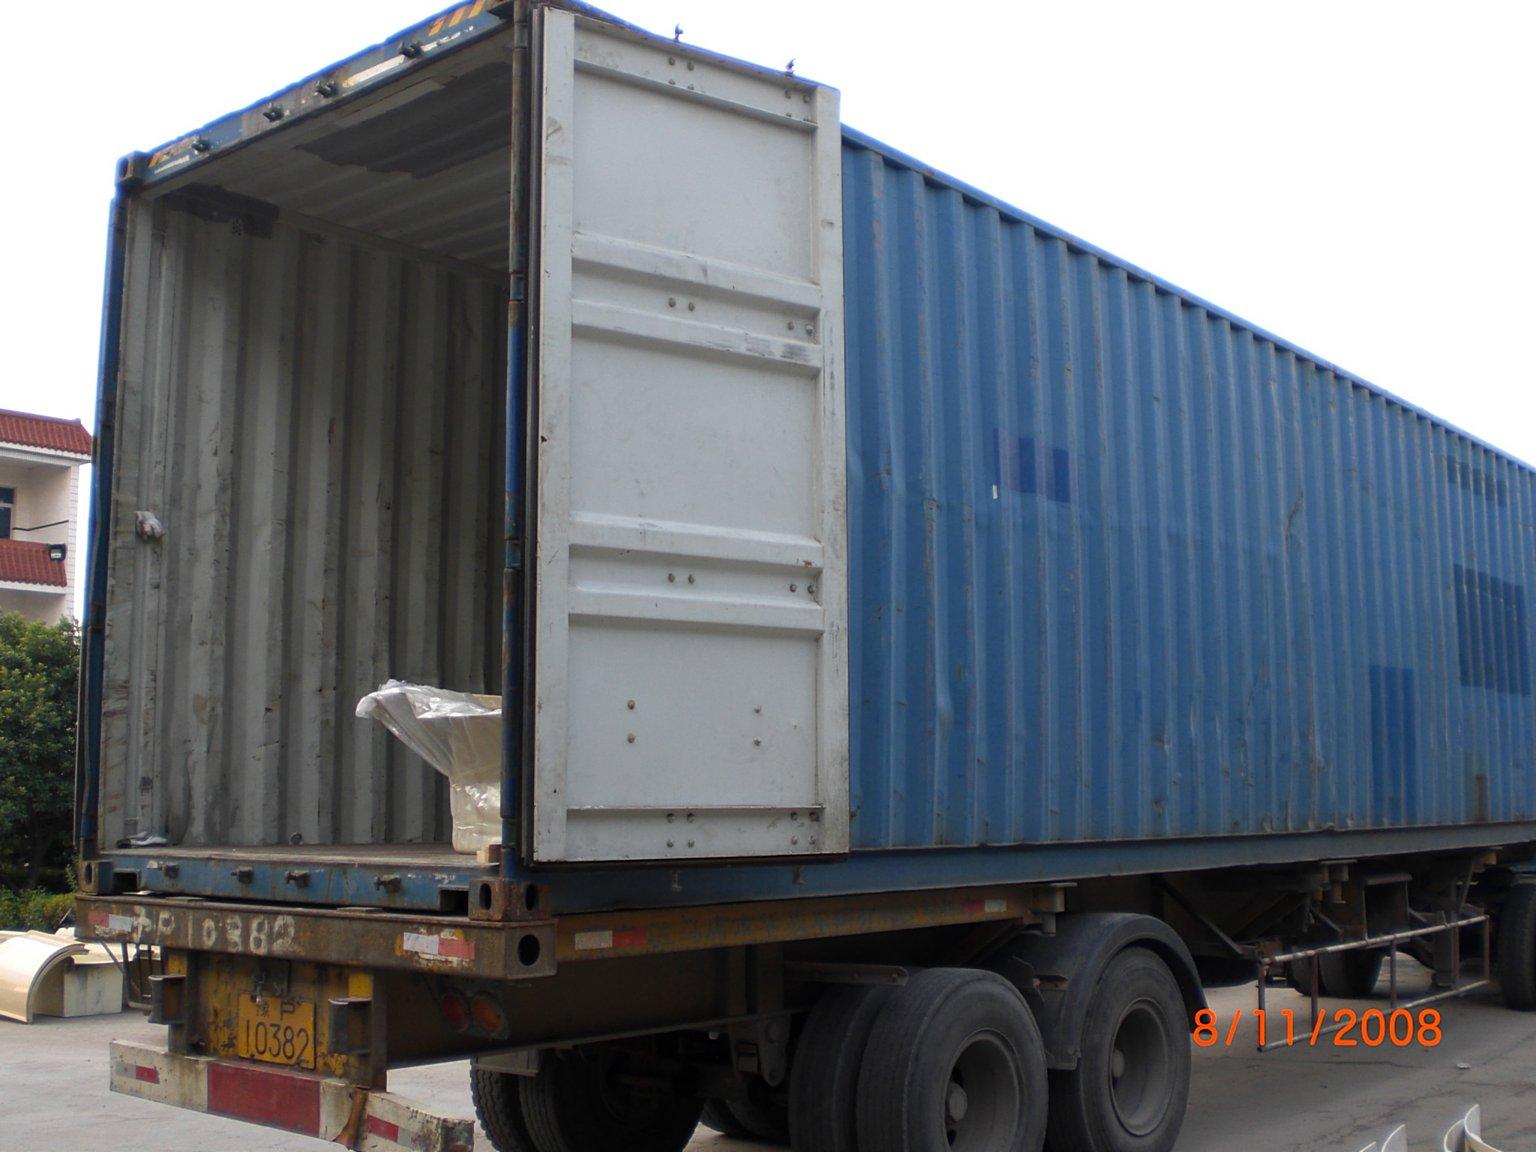 Shipments 0H